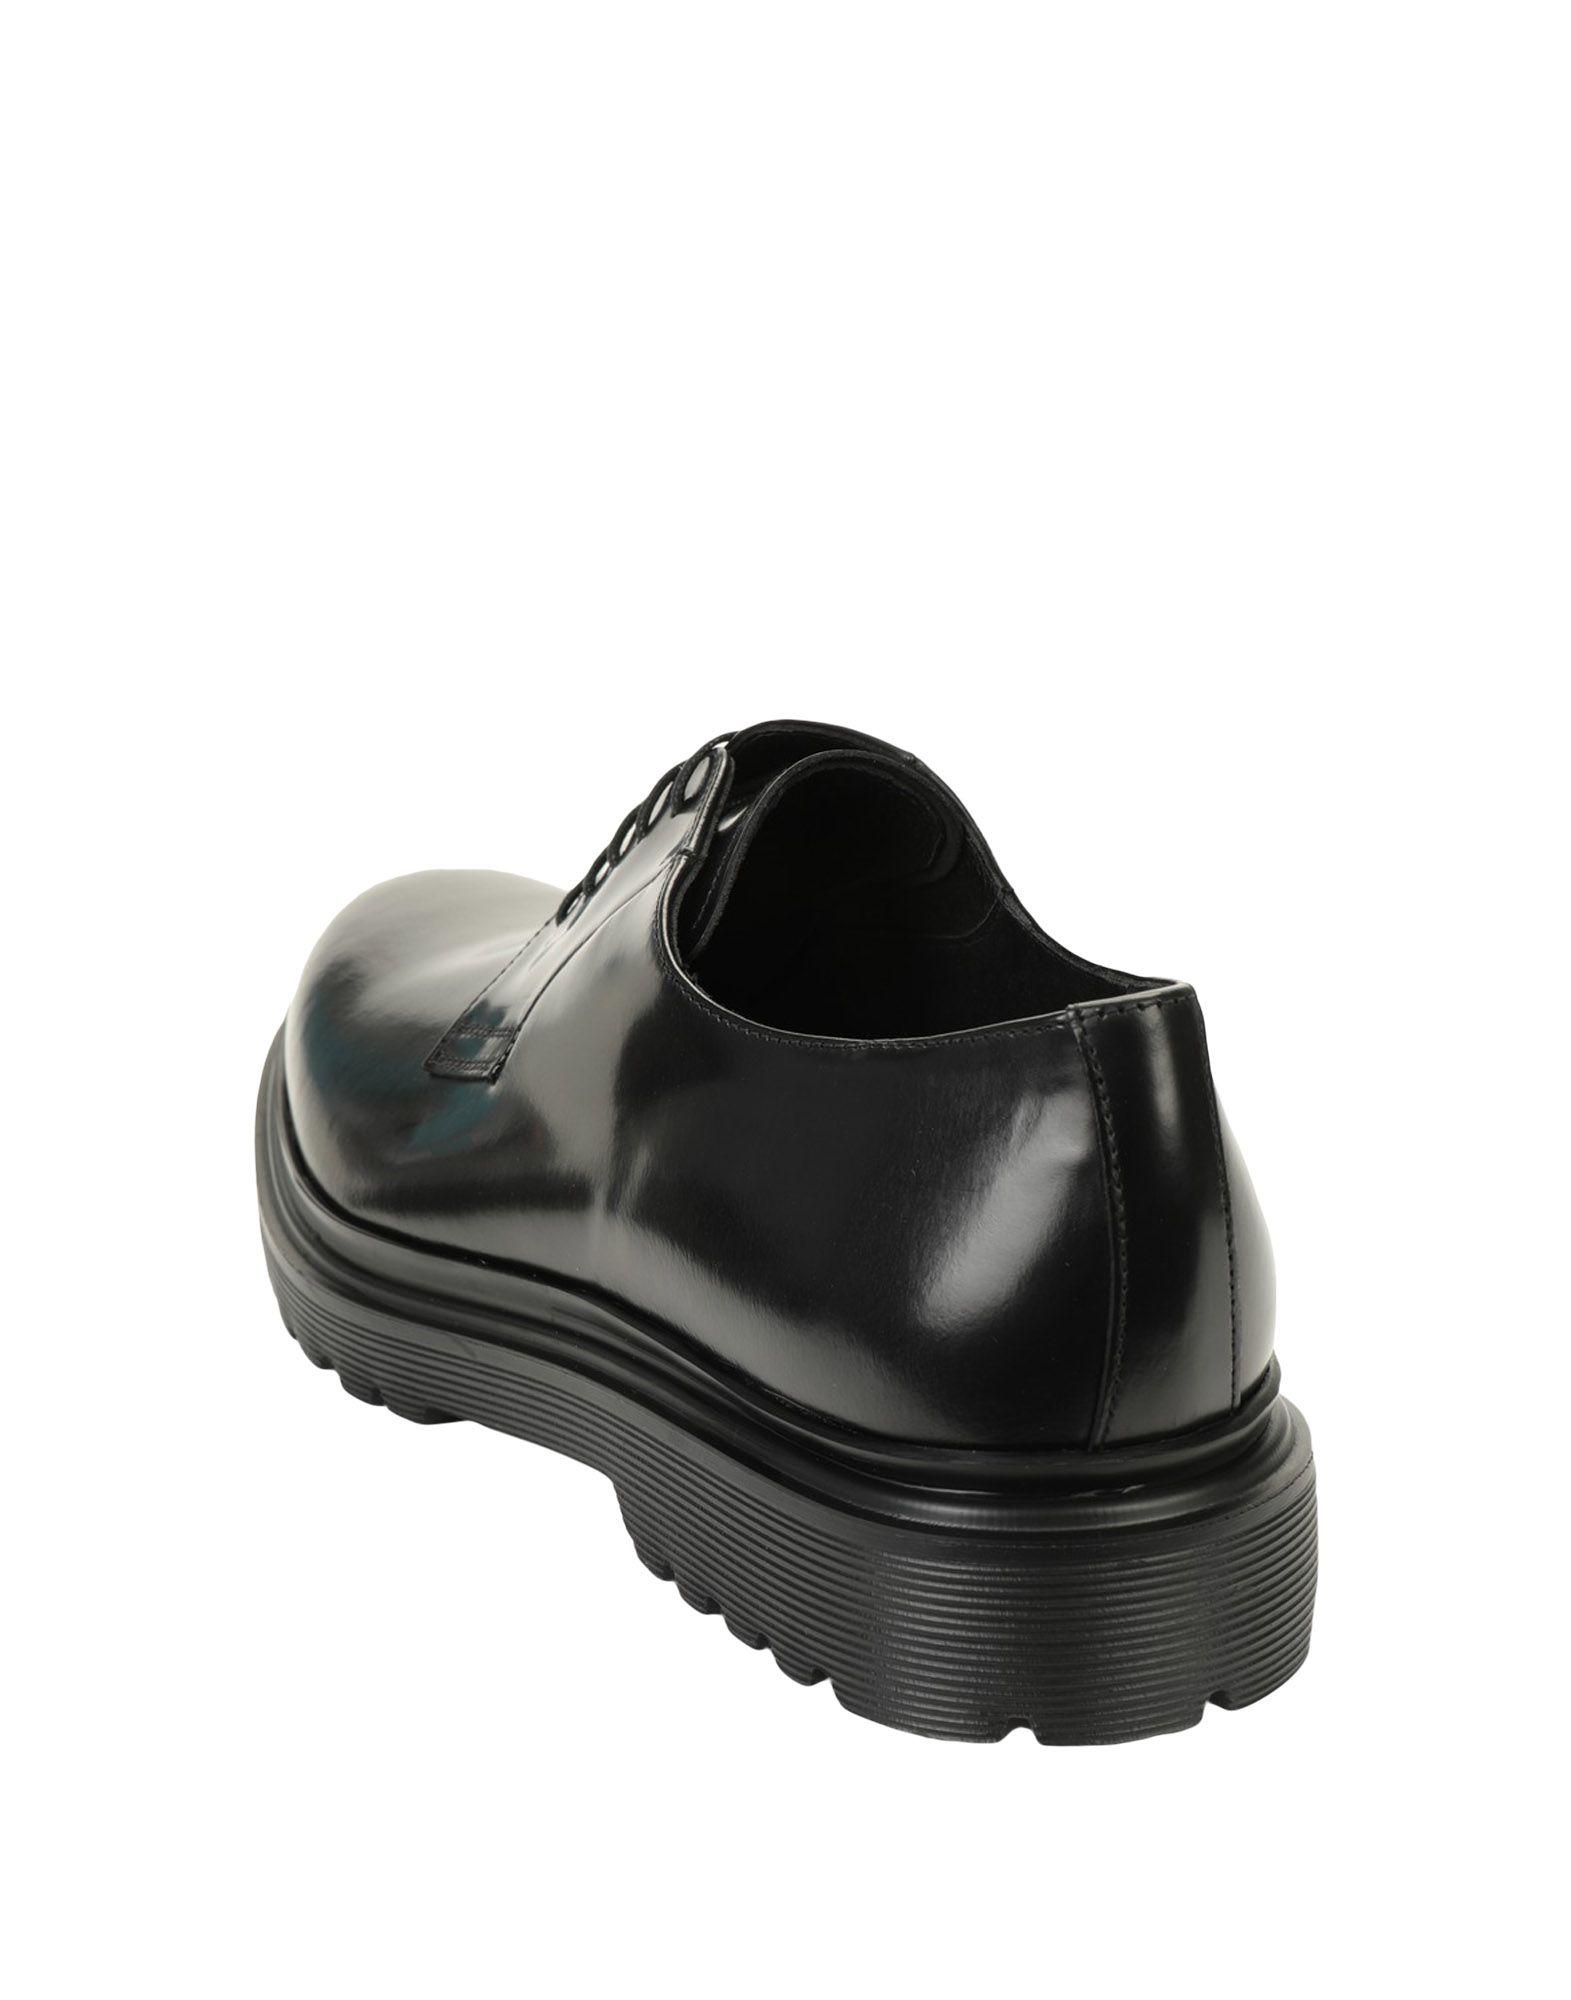 11538058IX Maldini Schnürschuhe Herren  11538058IX  Heiße Schuhe c251fa